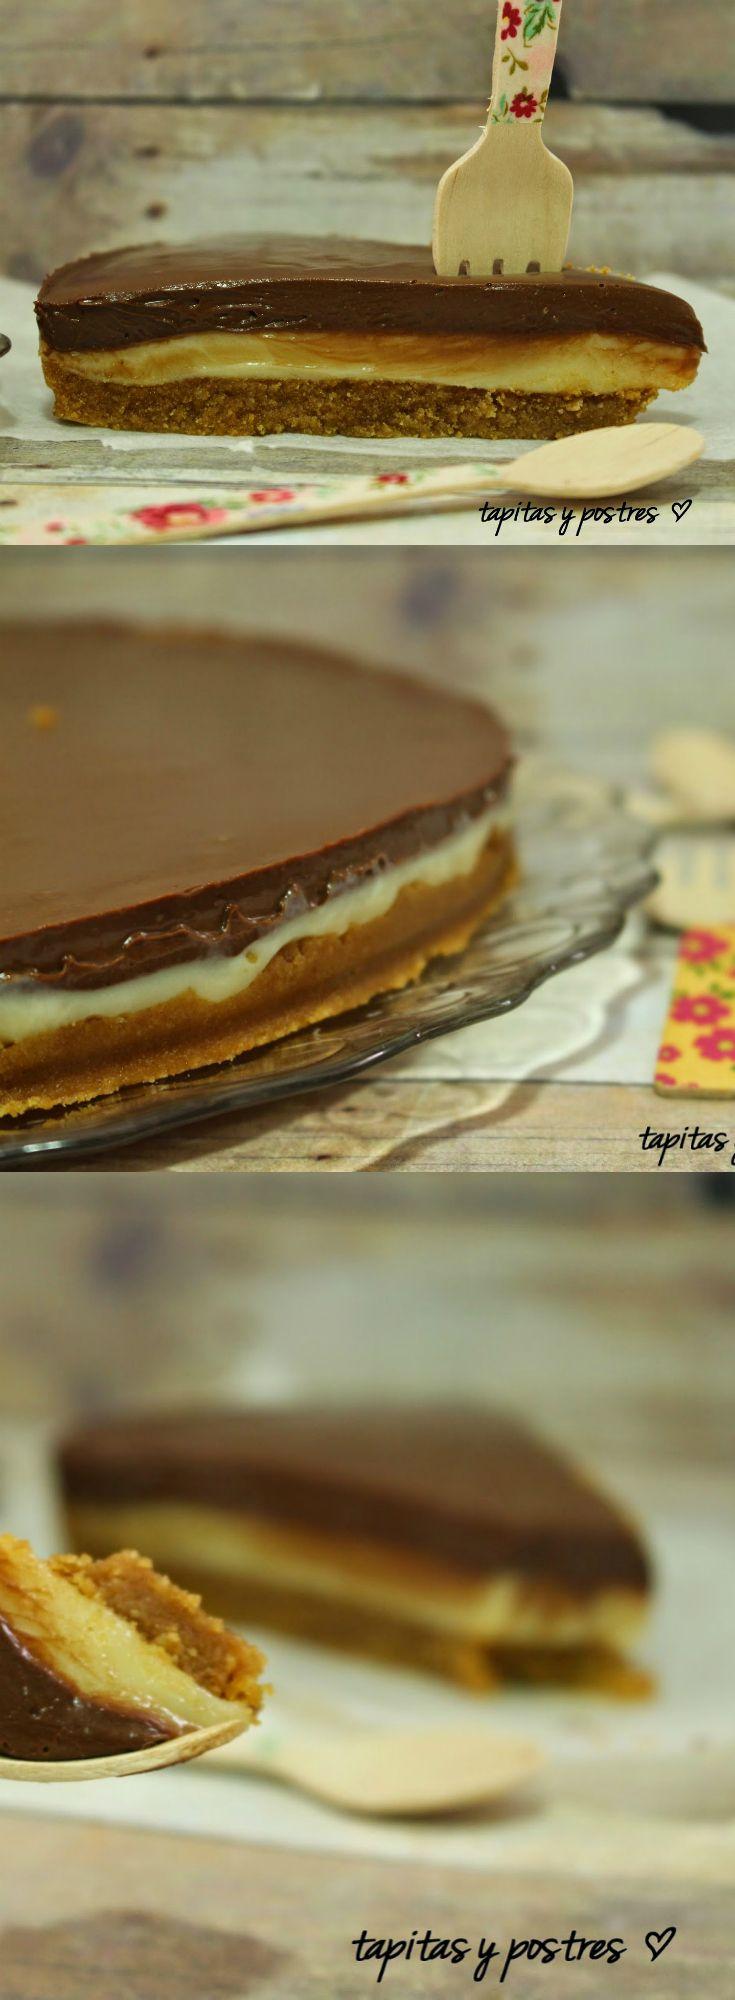 Tarta de leche condensada y chocolate   Tasty Details